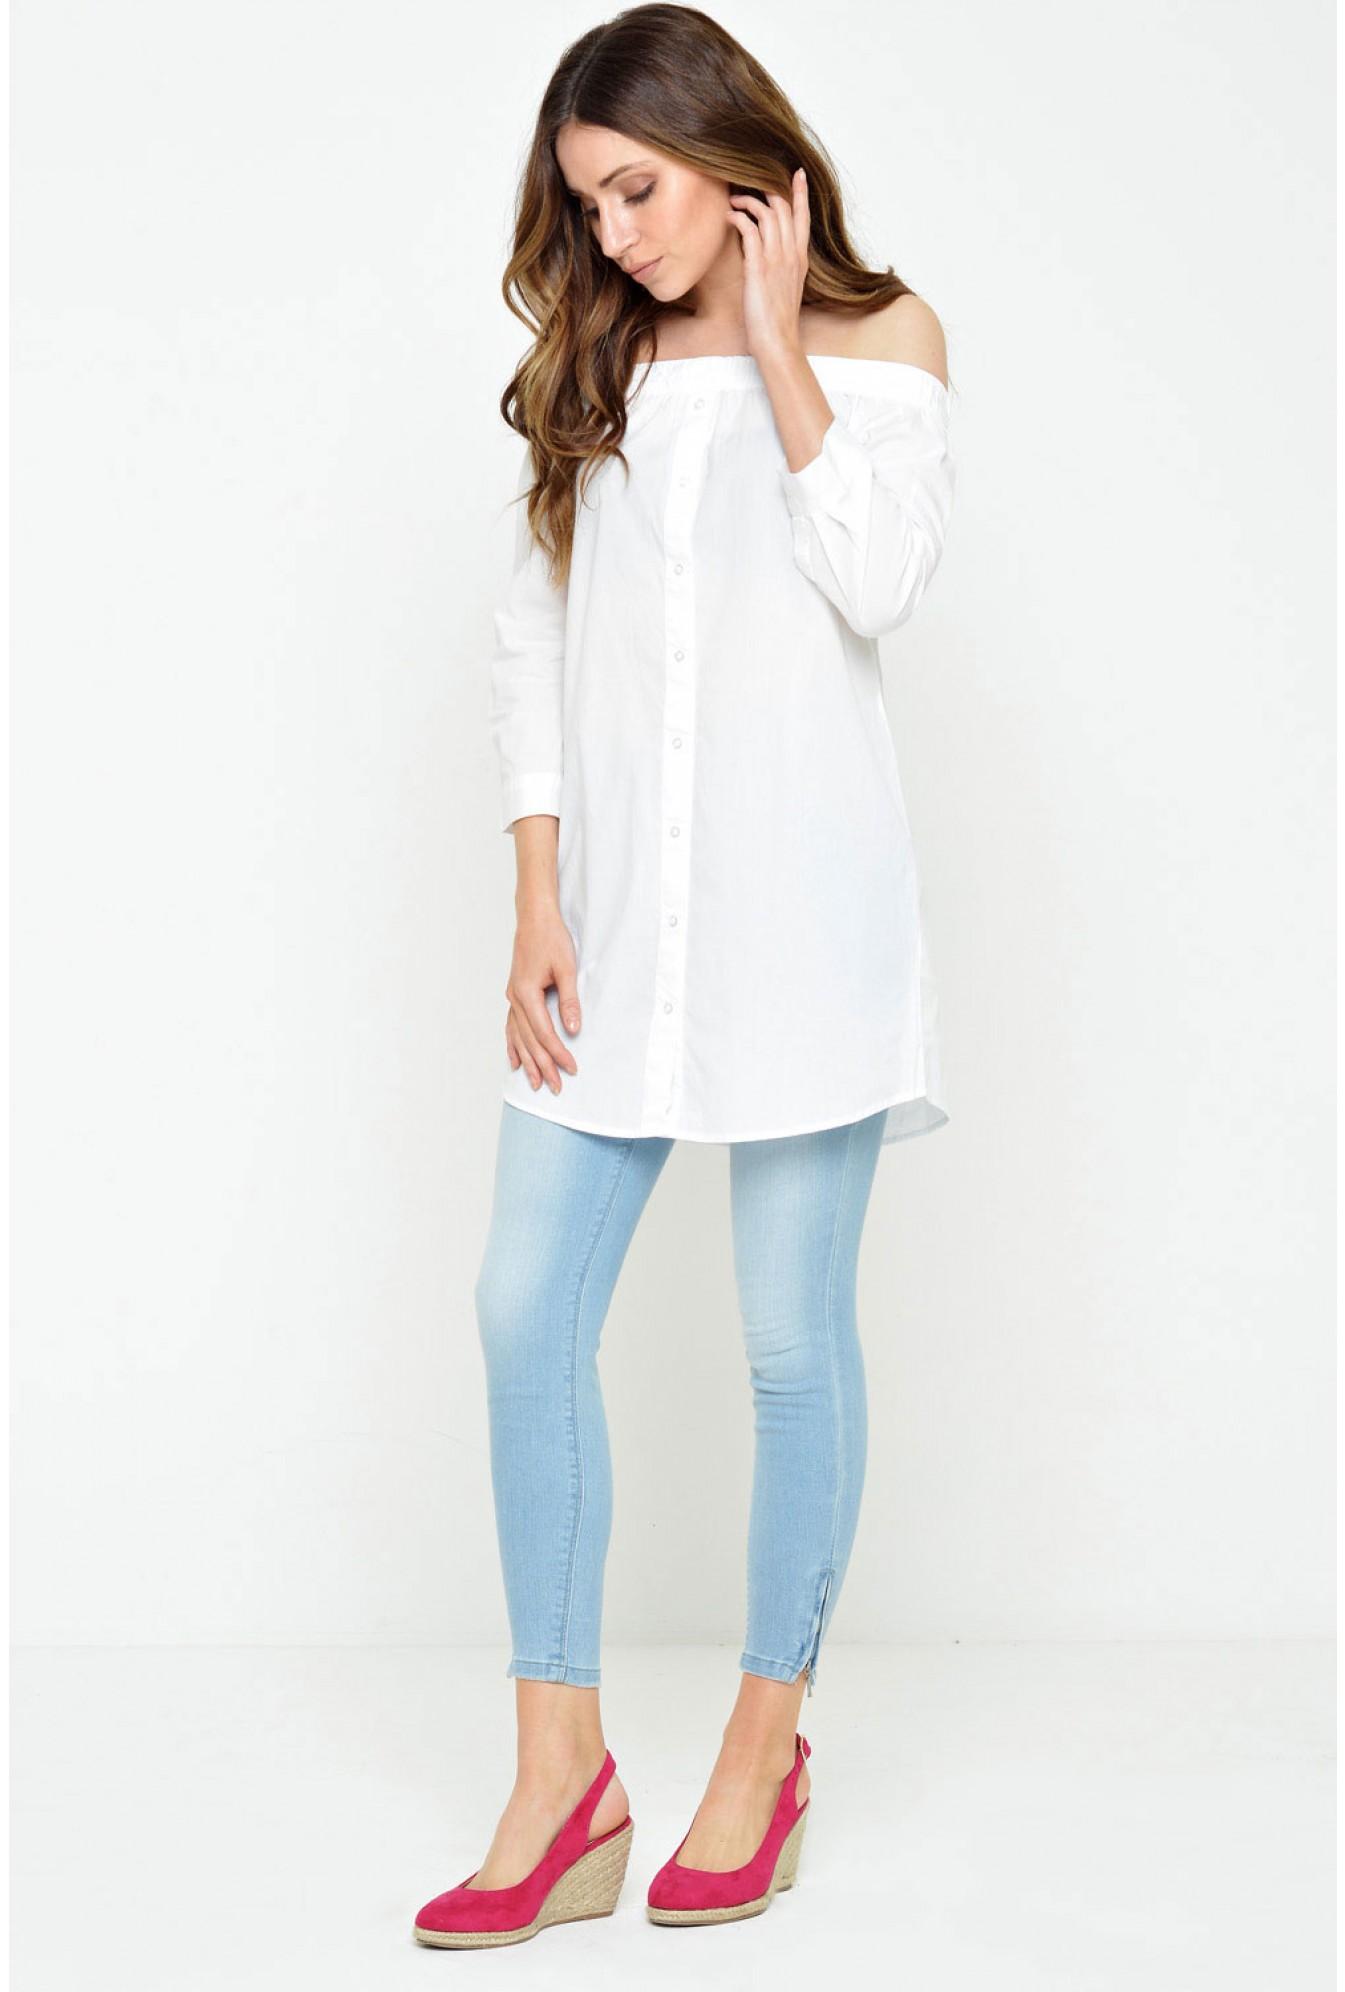 0eae6c627d88 Jacqueline De Yong Litzy Tiffany 3 4 Off Shoulder Tunic in White ...